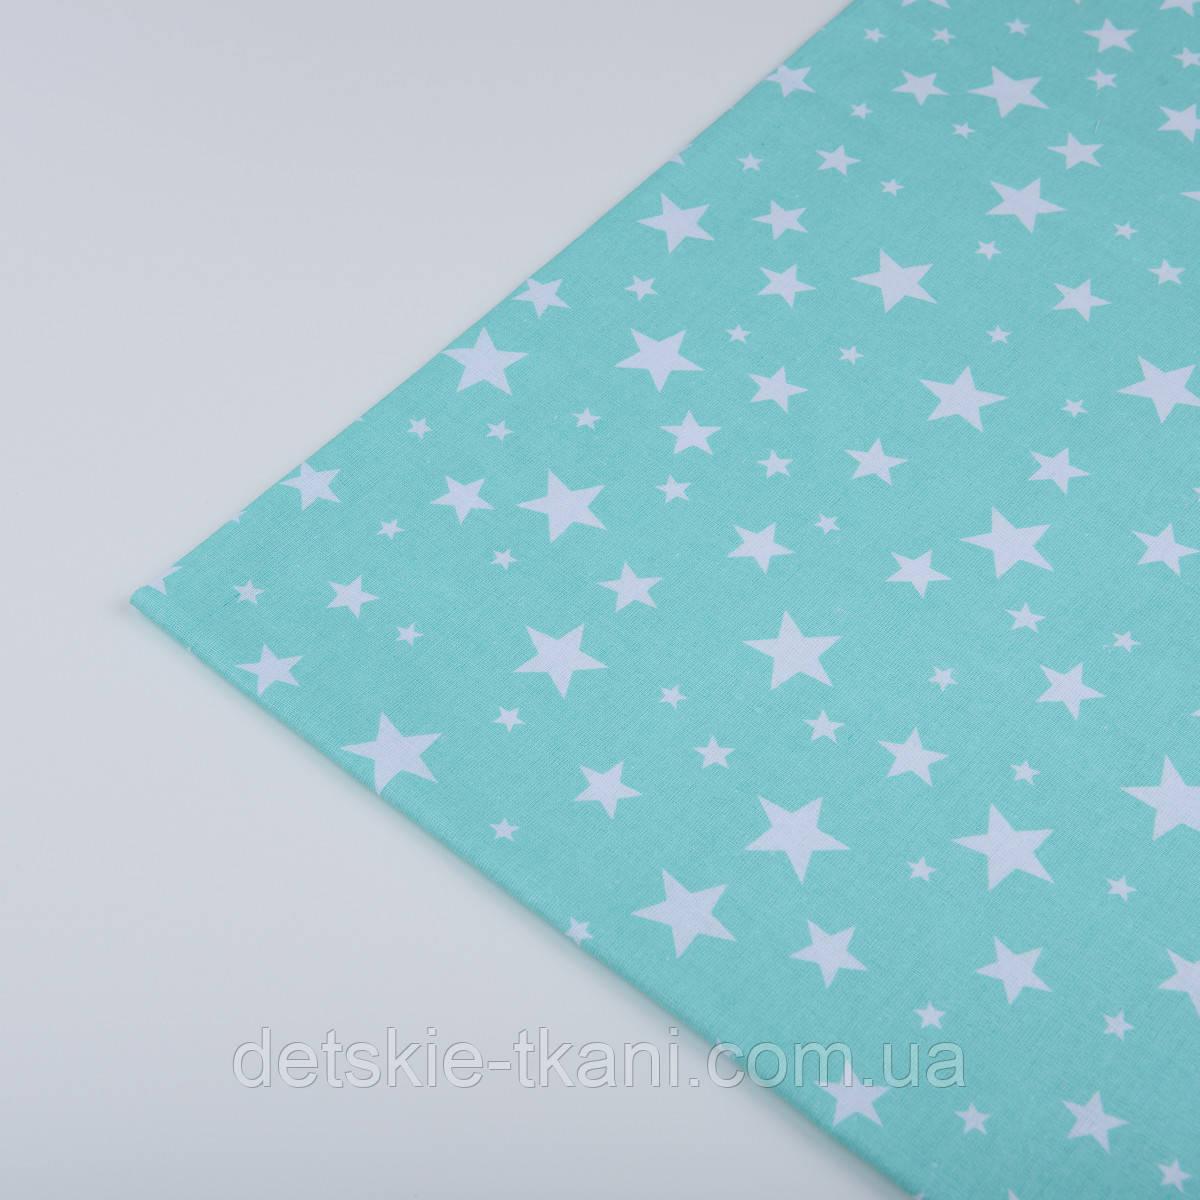 """Лоскут ткани №991 """"Звёздная россыпь"""" с белыми звёздочками, фон ткани - мятный, размер 18*140 см"""